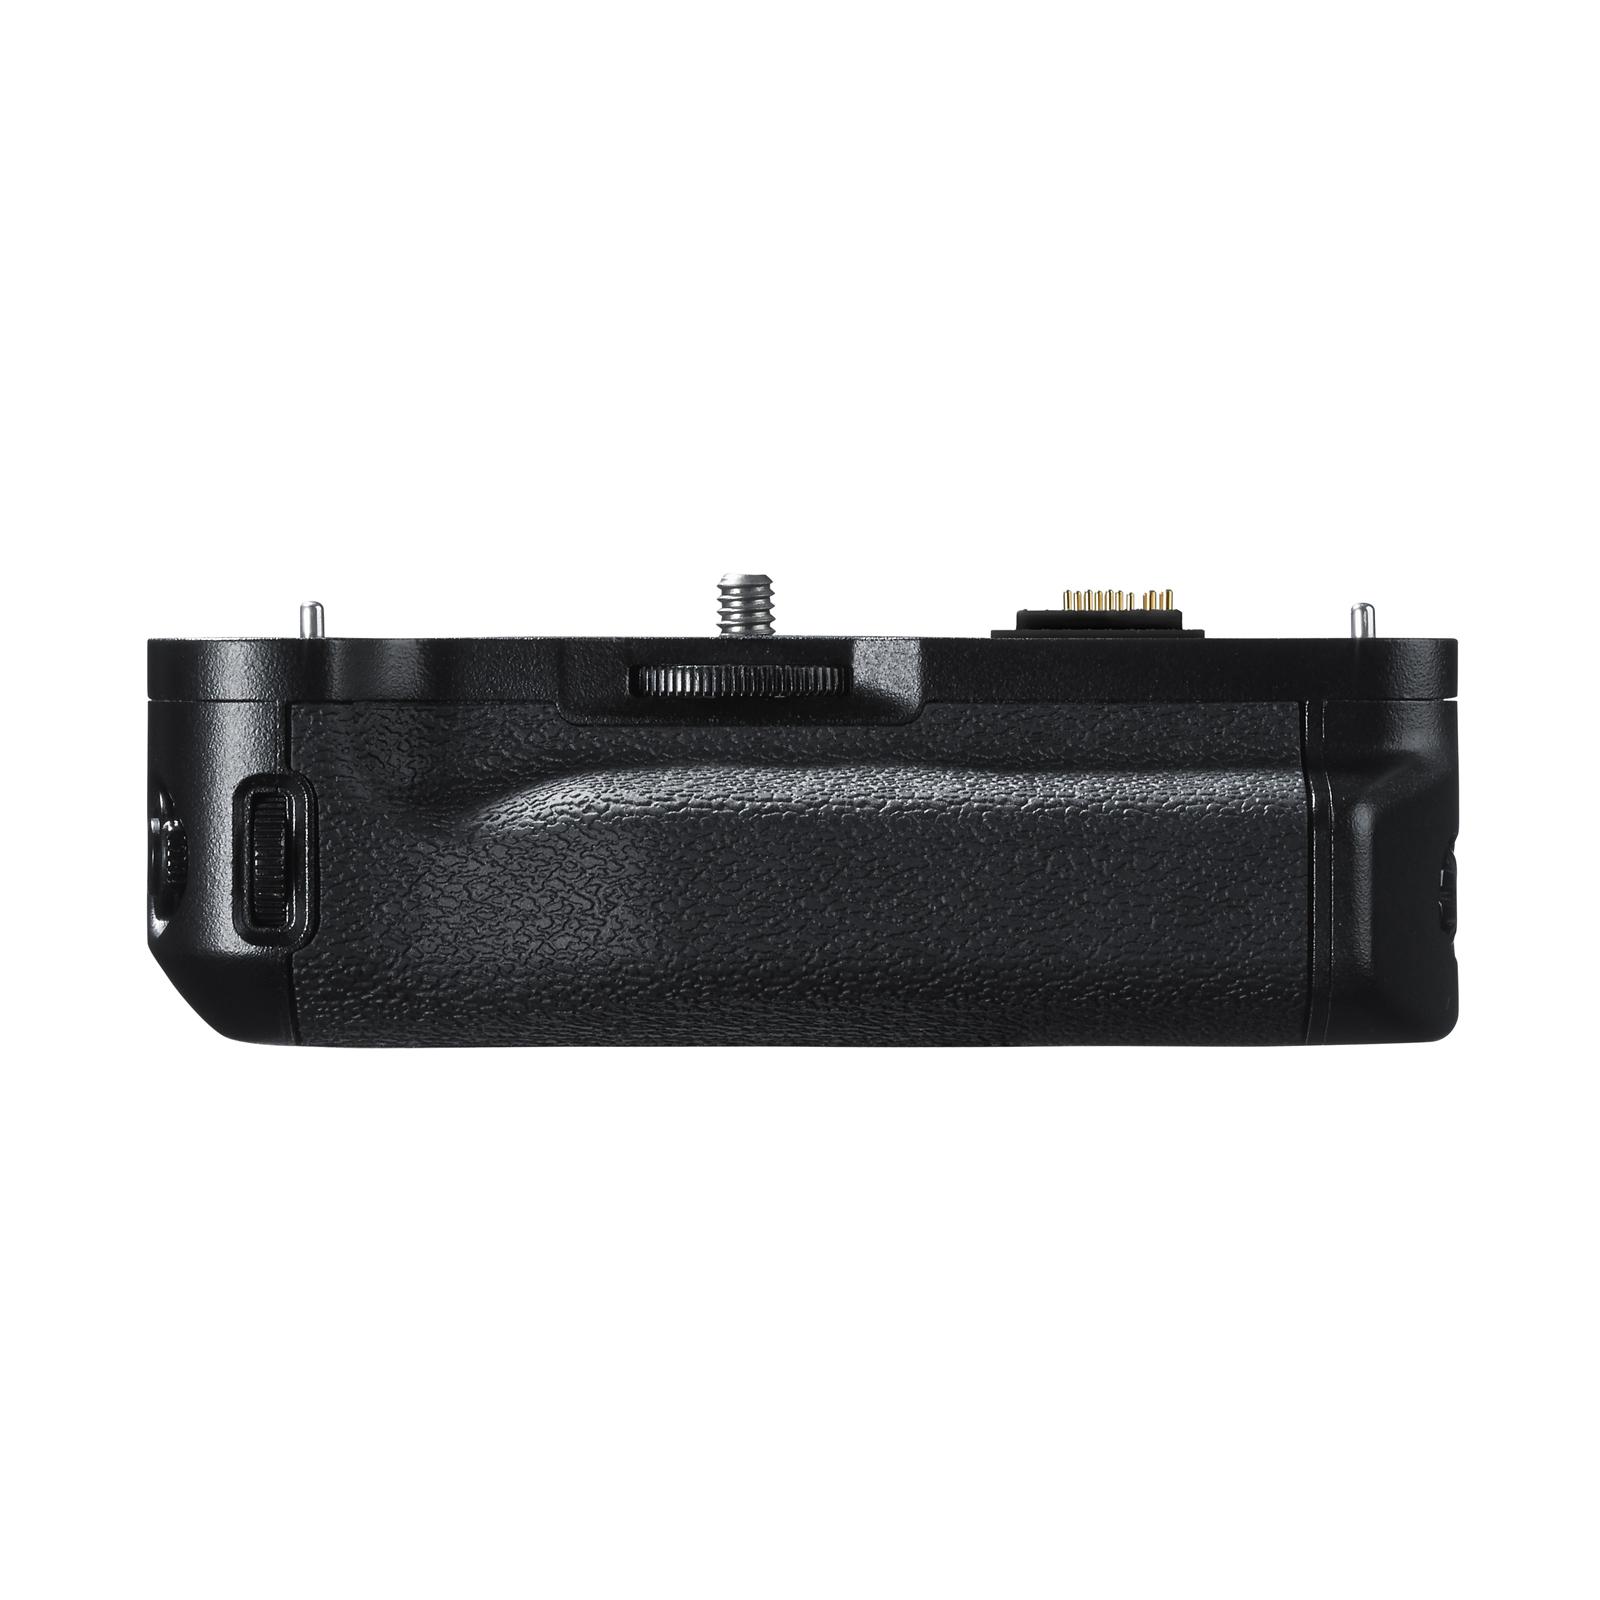 Батарейный блок Fujifilm VG-XT1 (16421165)